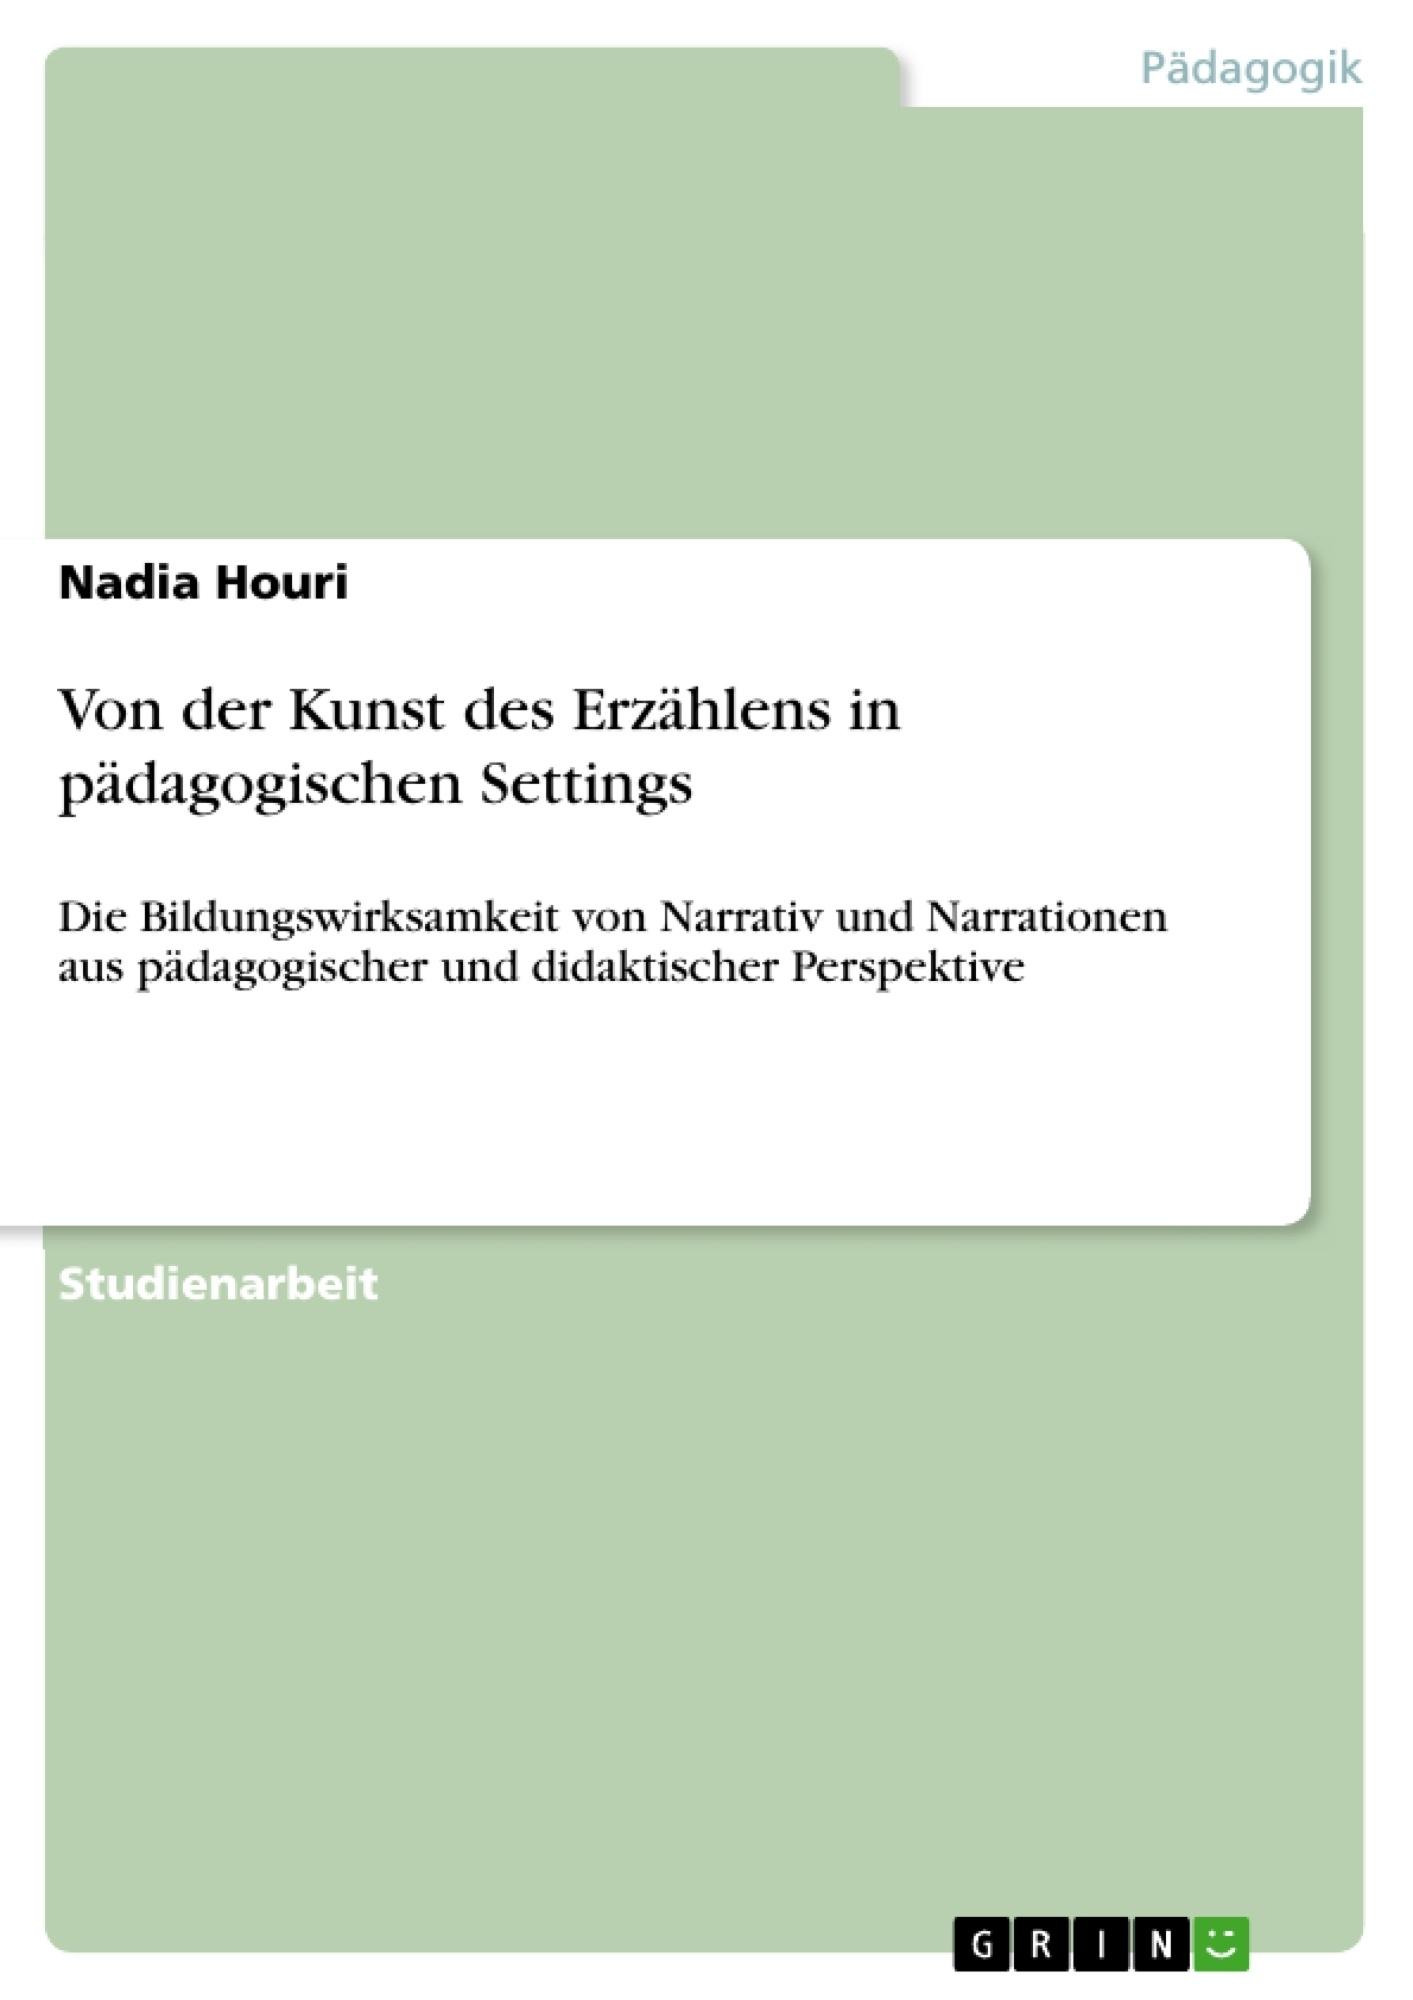 Titel: Von der Kunst des Erzählens in pädagogischen Settings